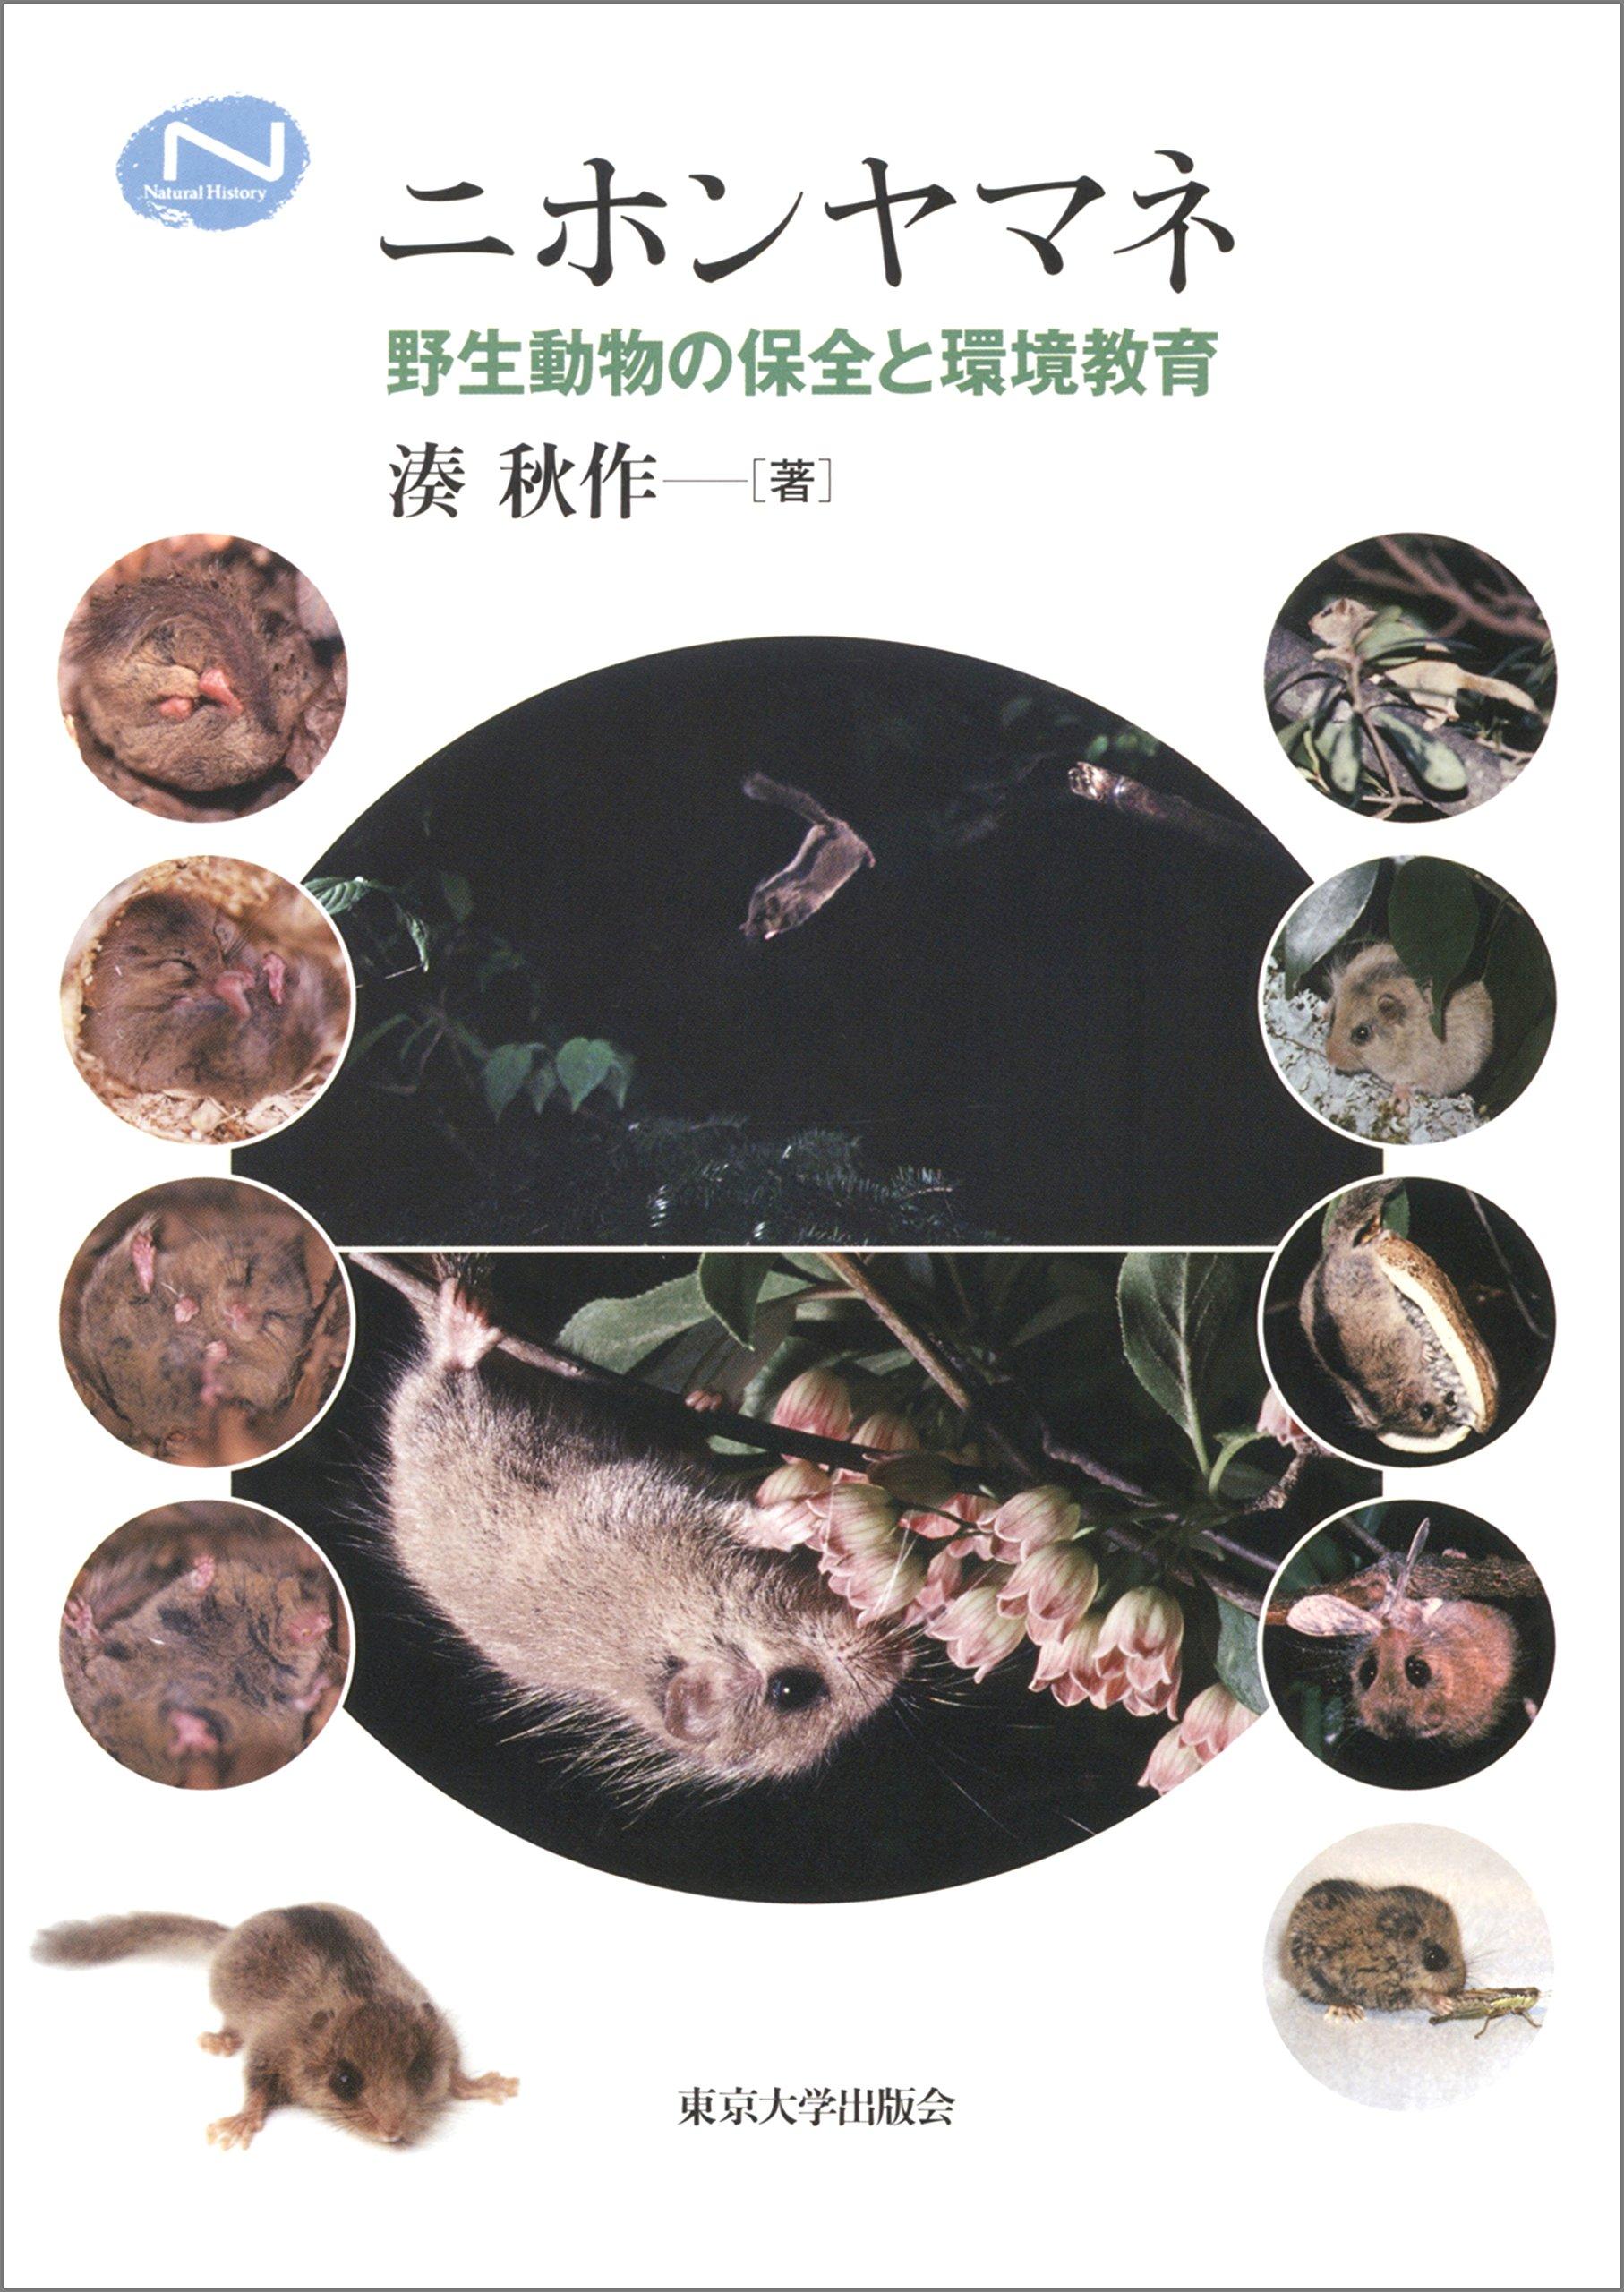 ニホンヤマネ~野生生物の保全と環境教育